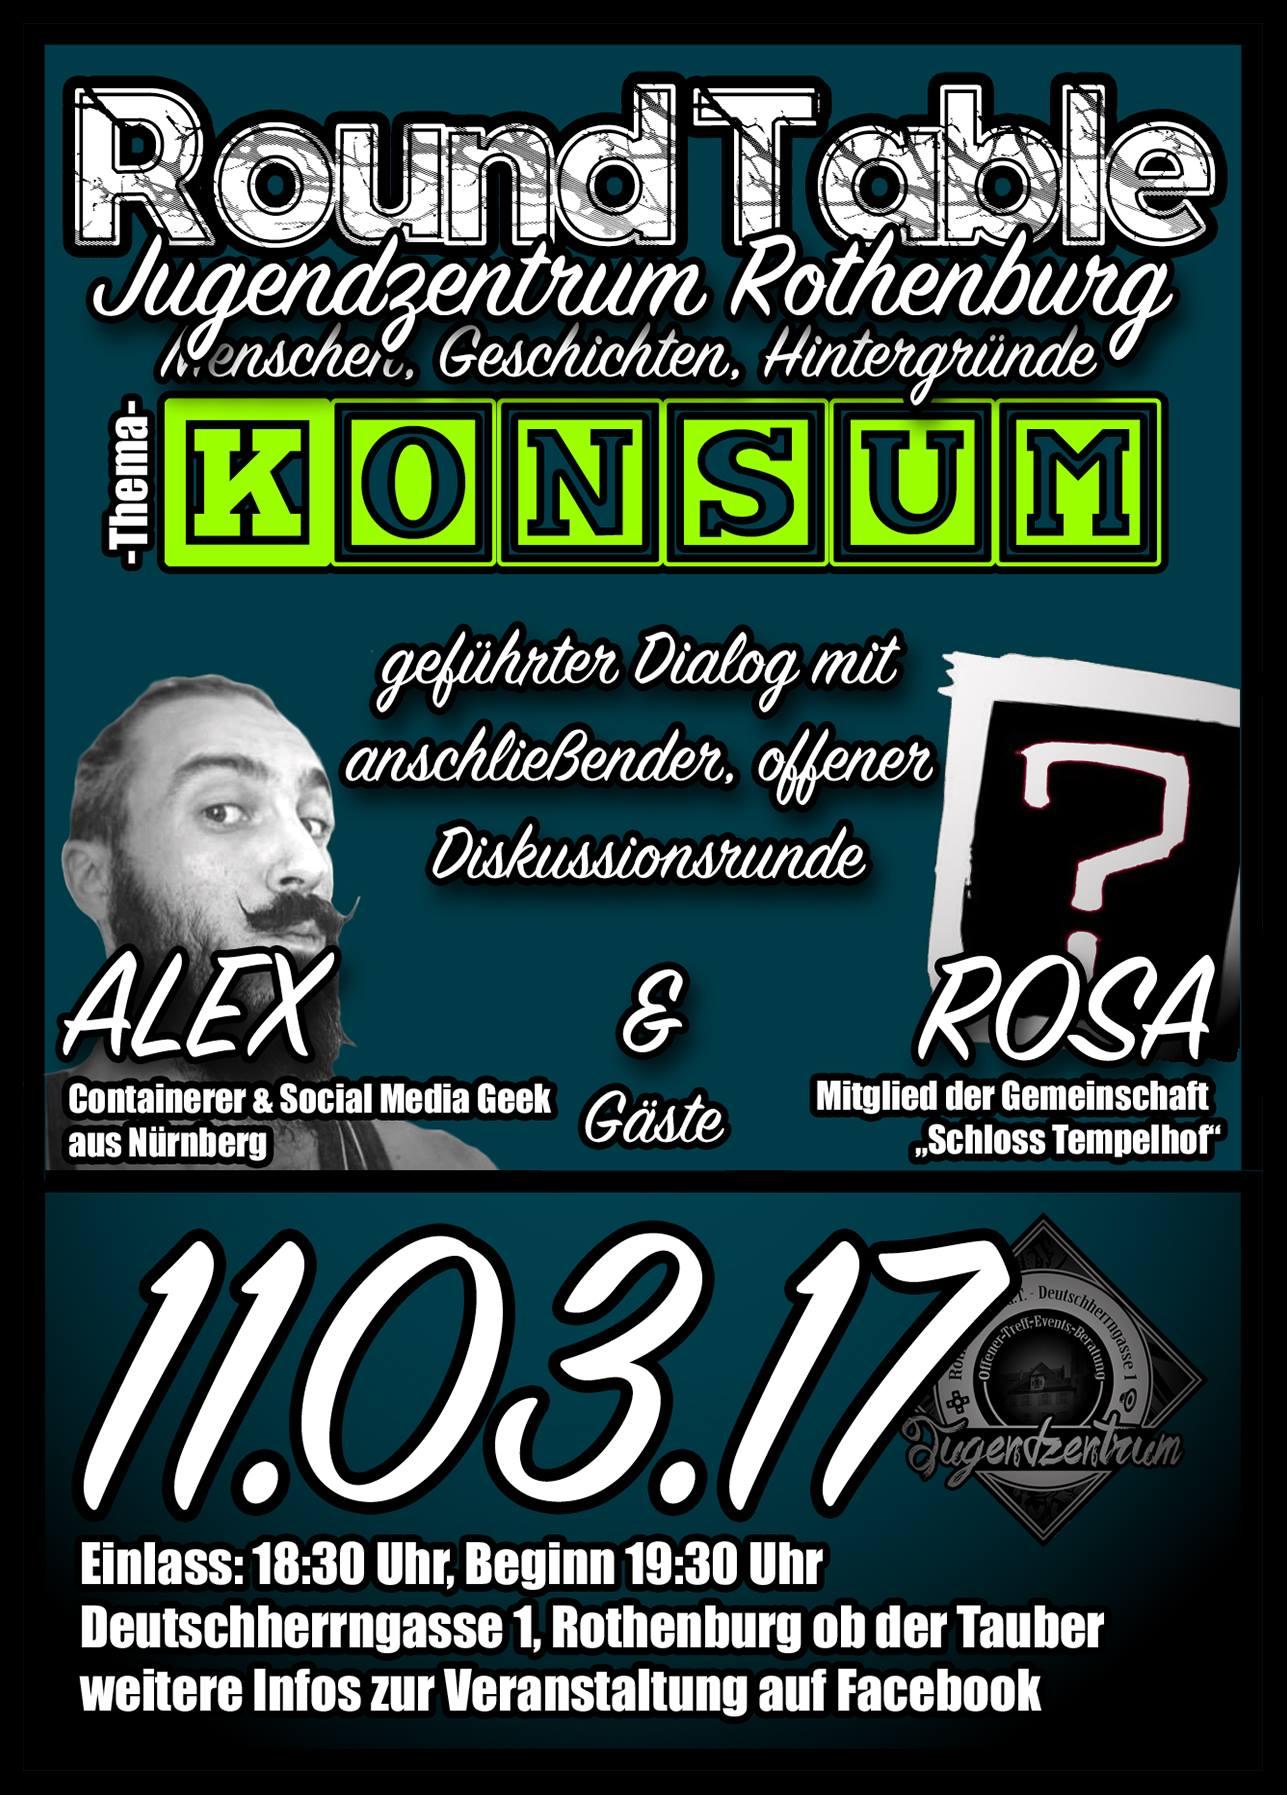 Dies ist der Flyer zur Diskussionsrunde im Jugendzentrum Rothenburg ob der Tauber in dem das Thema Konsum behandelt wird.